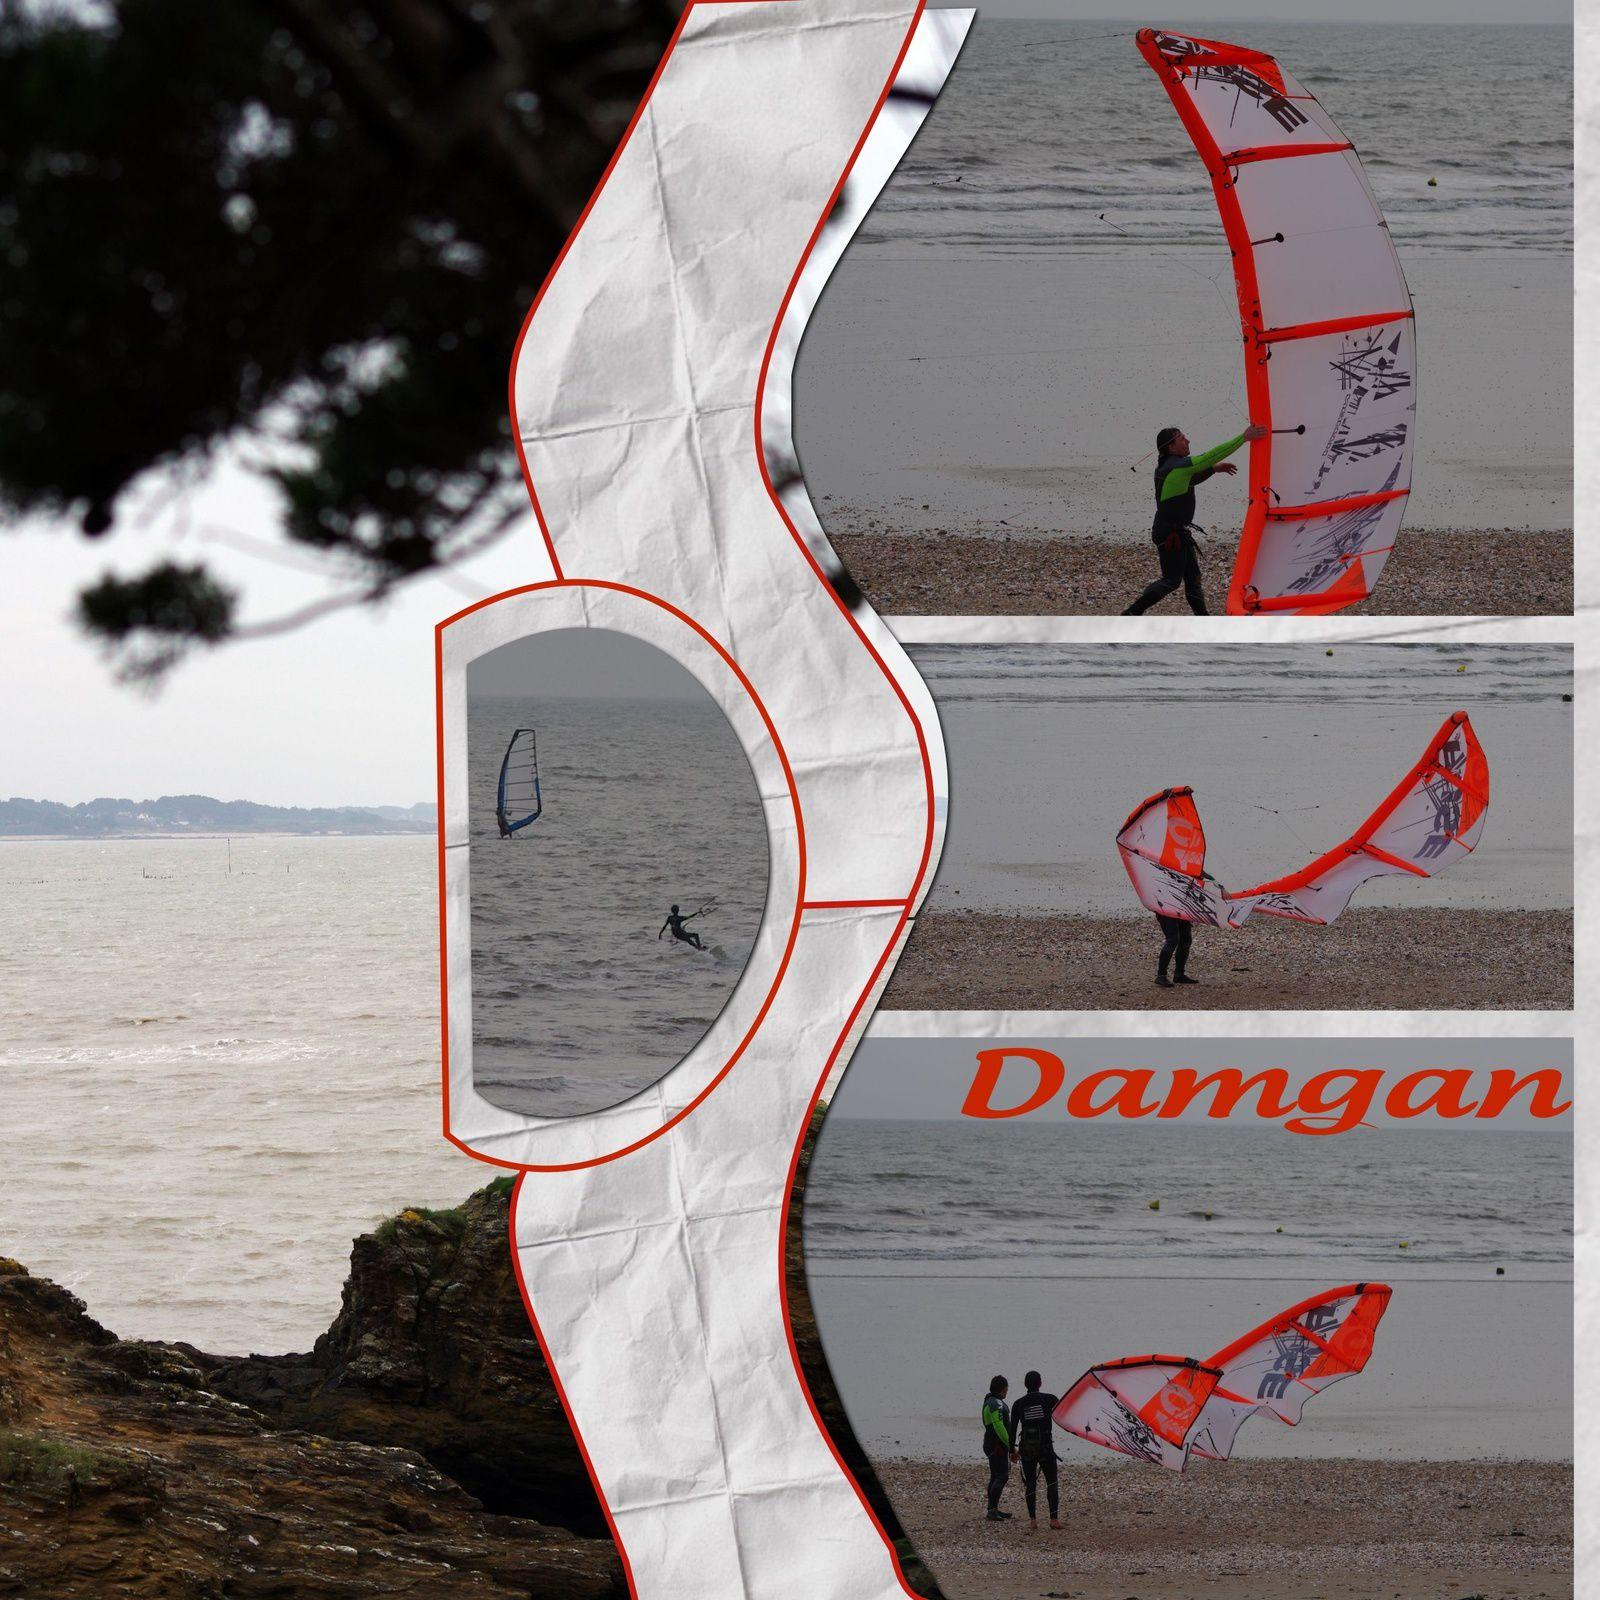 DAMGAN